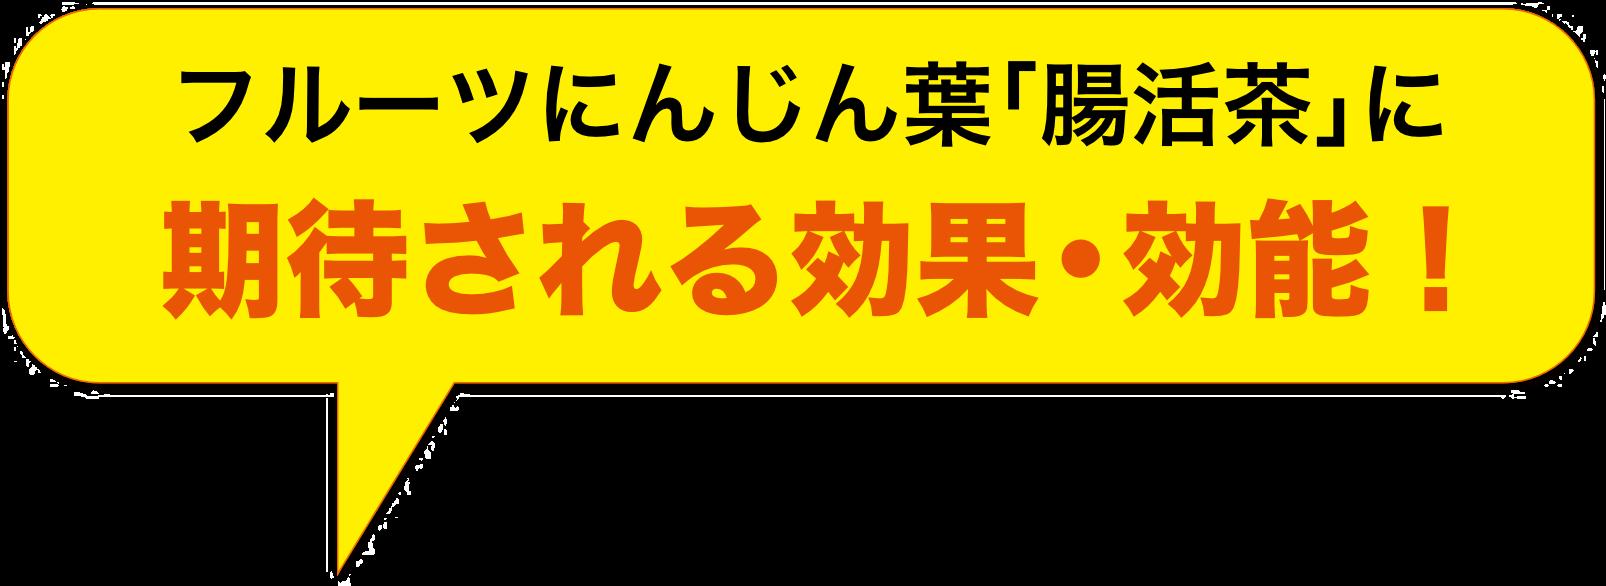 フルーツにんじん葉「腸活茶」に期待される効果・効能!